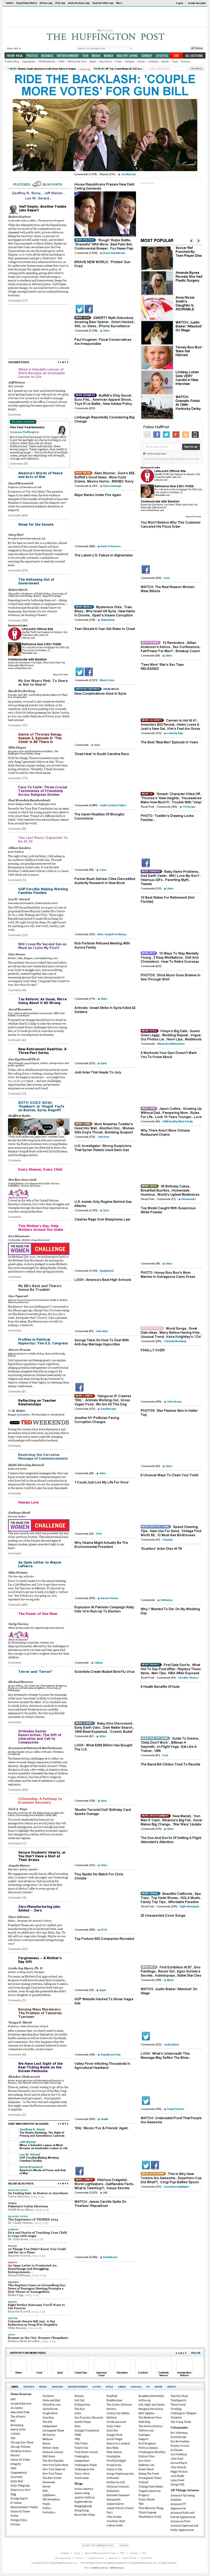 The Huffington Post at Monday May 6, 2013, 7:11 p.m. UTC